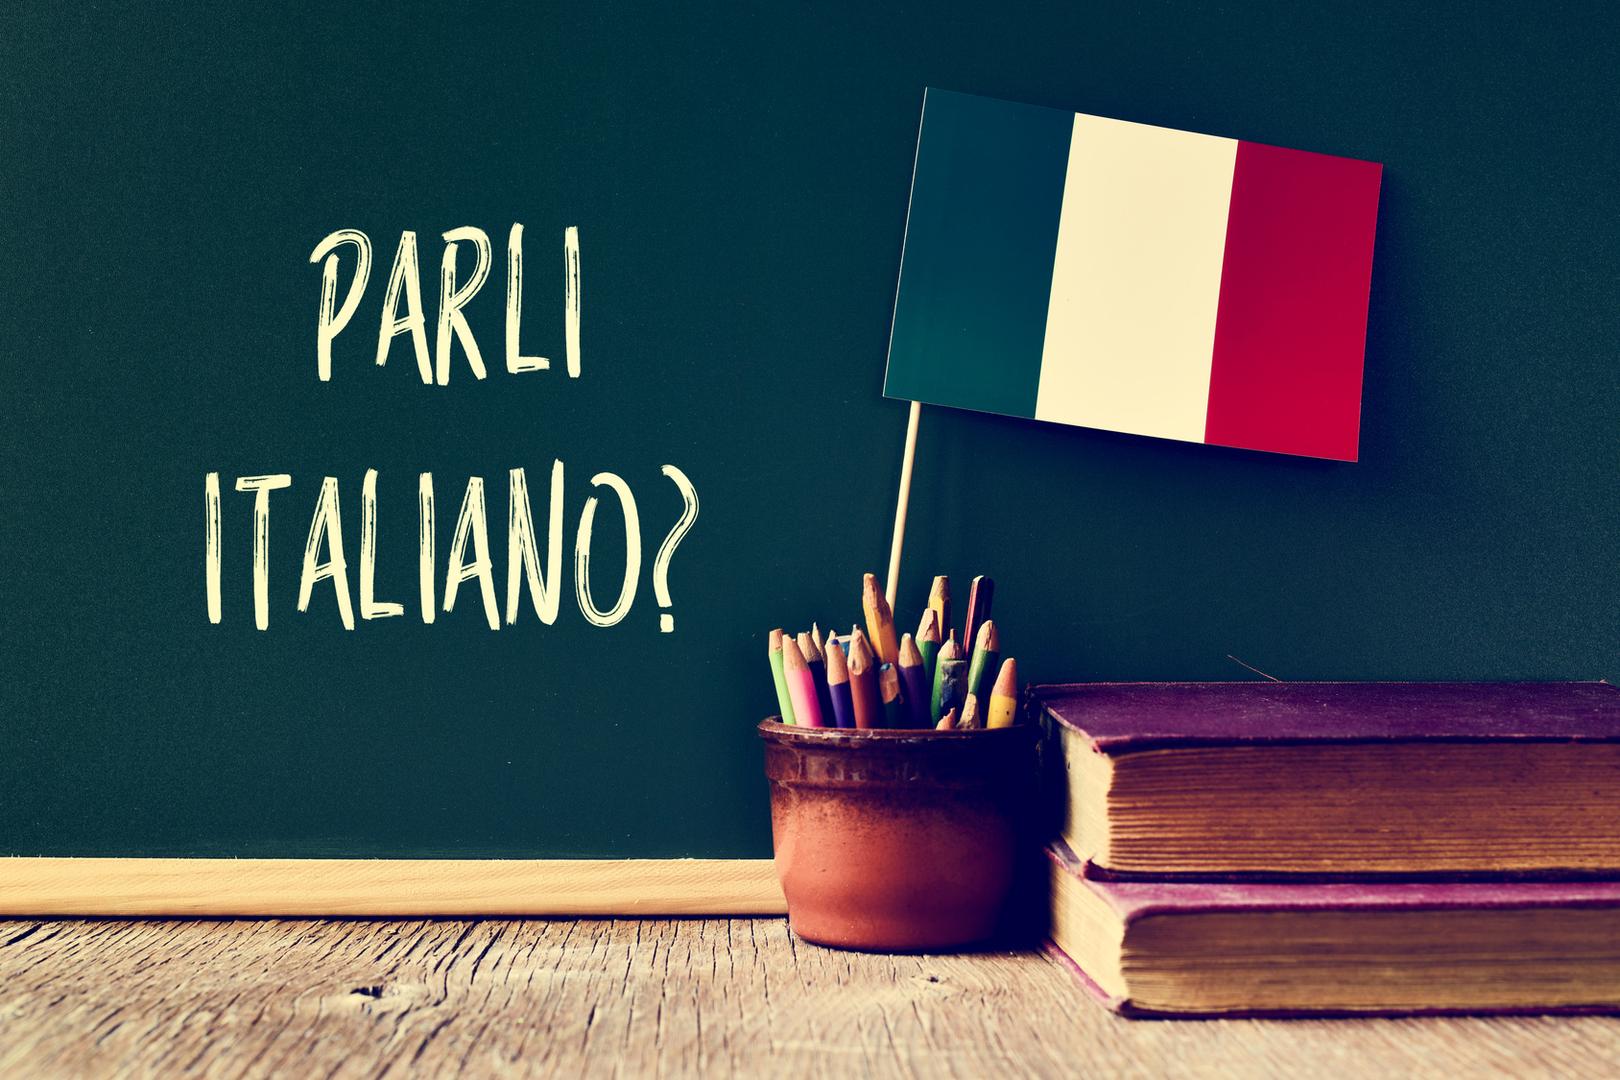 קורס איטלקית - מתחילים  | לימודי החוץ של האוניברסיטה הפתוחה